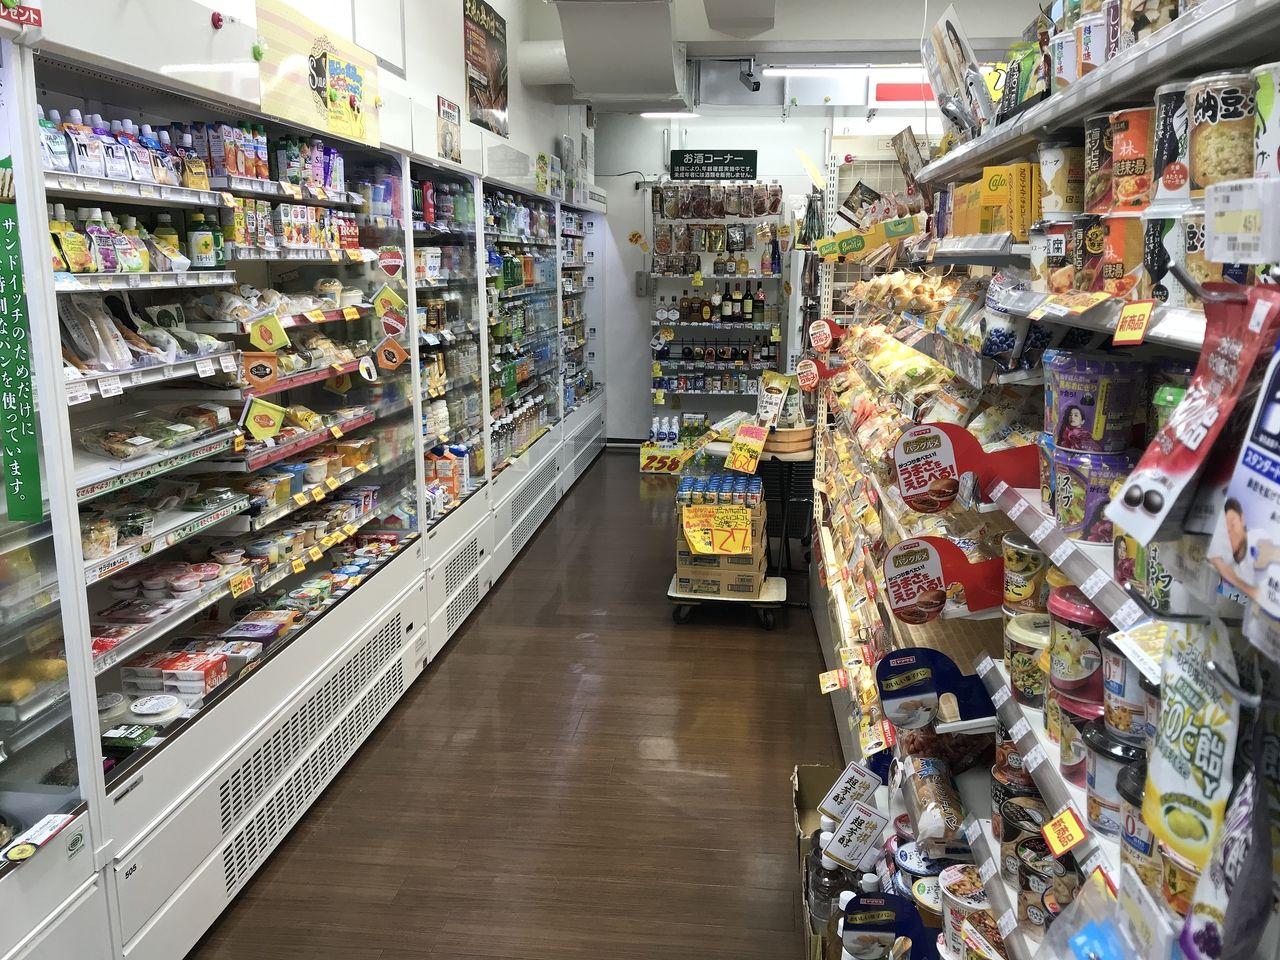 行徳のプラザアオノ薬局の食品売り場